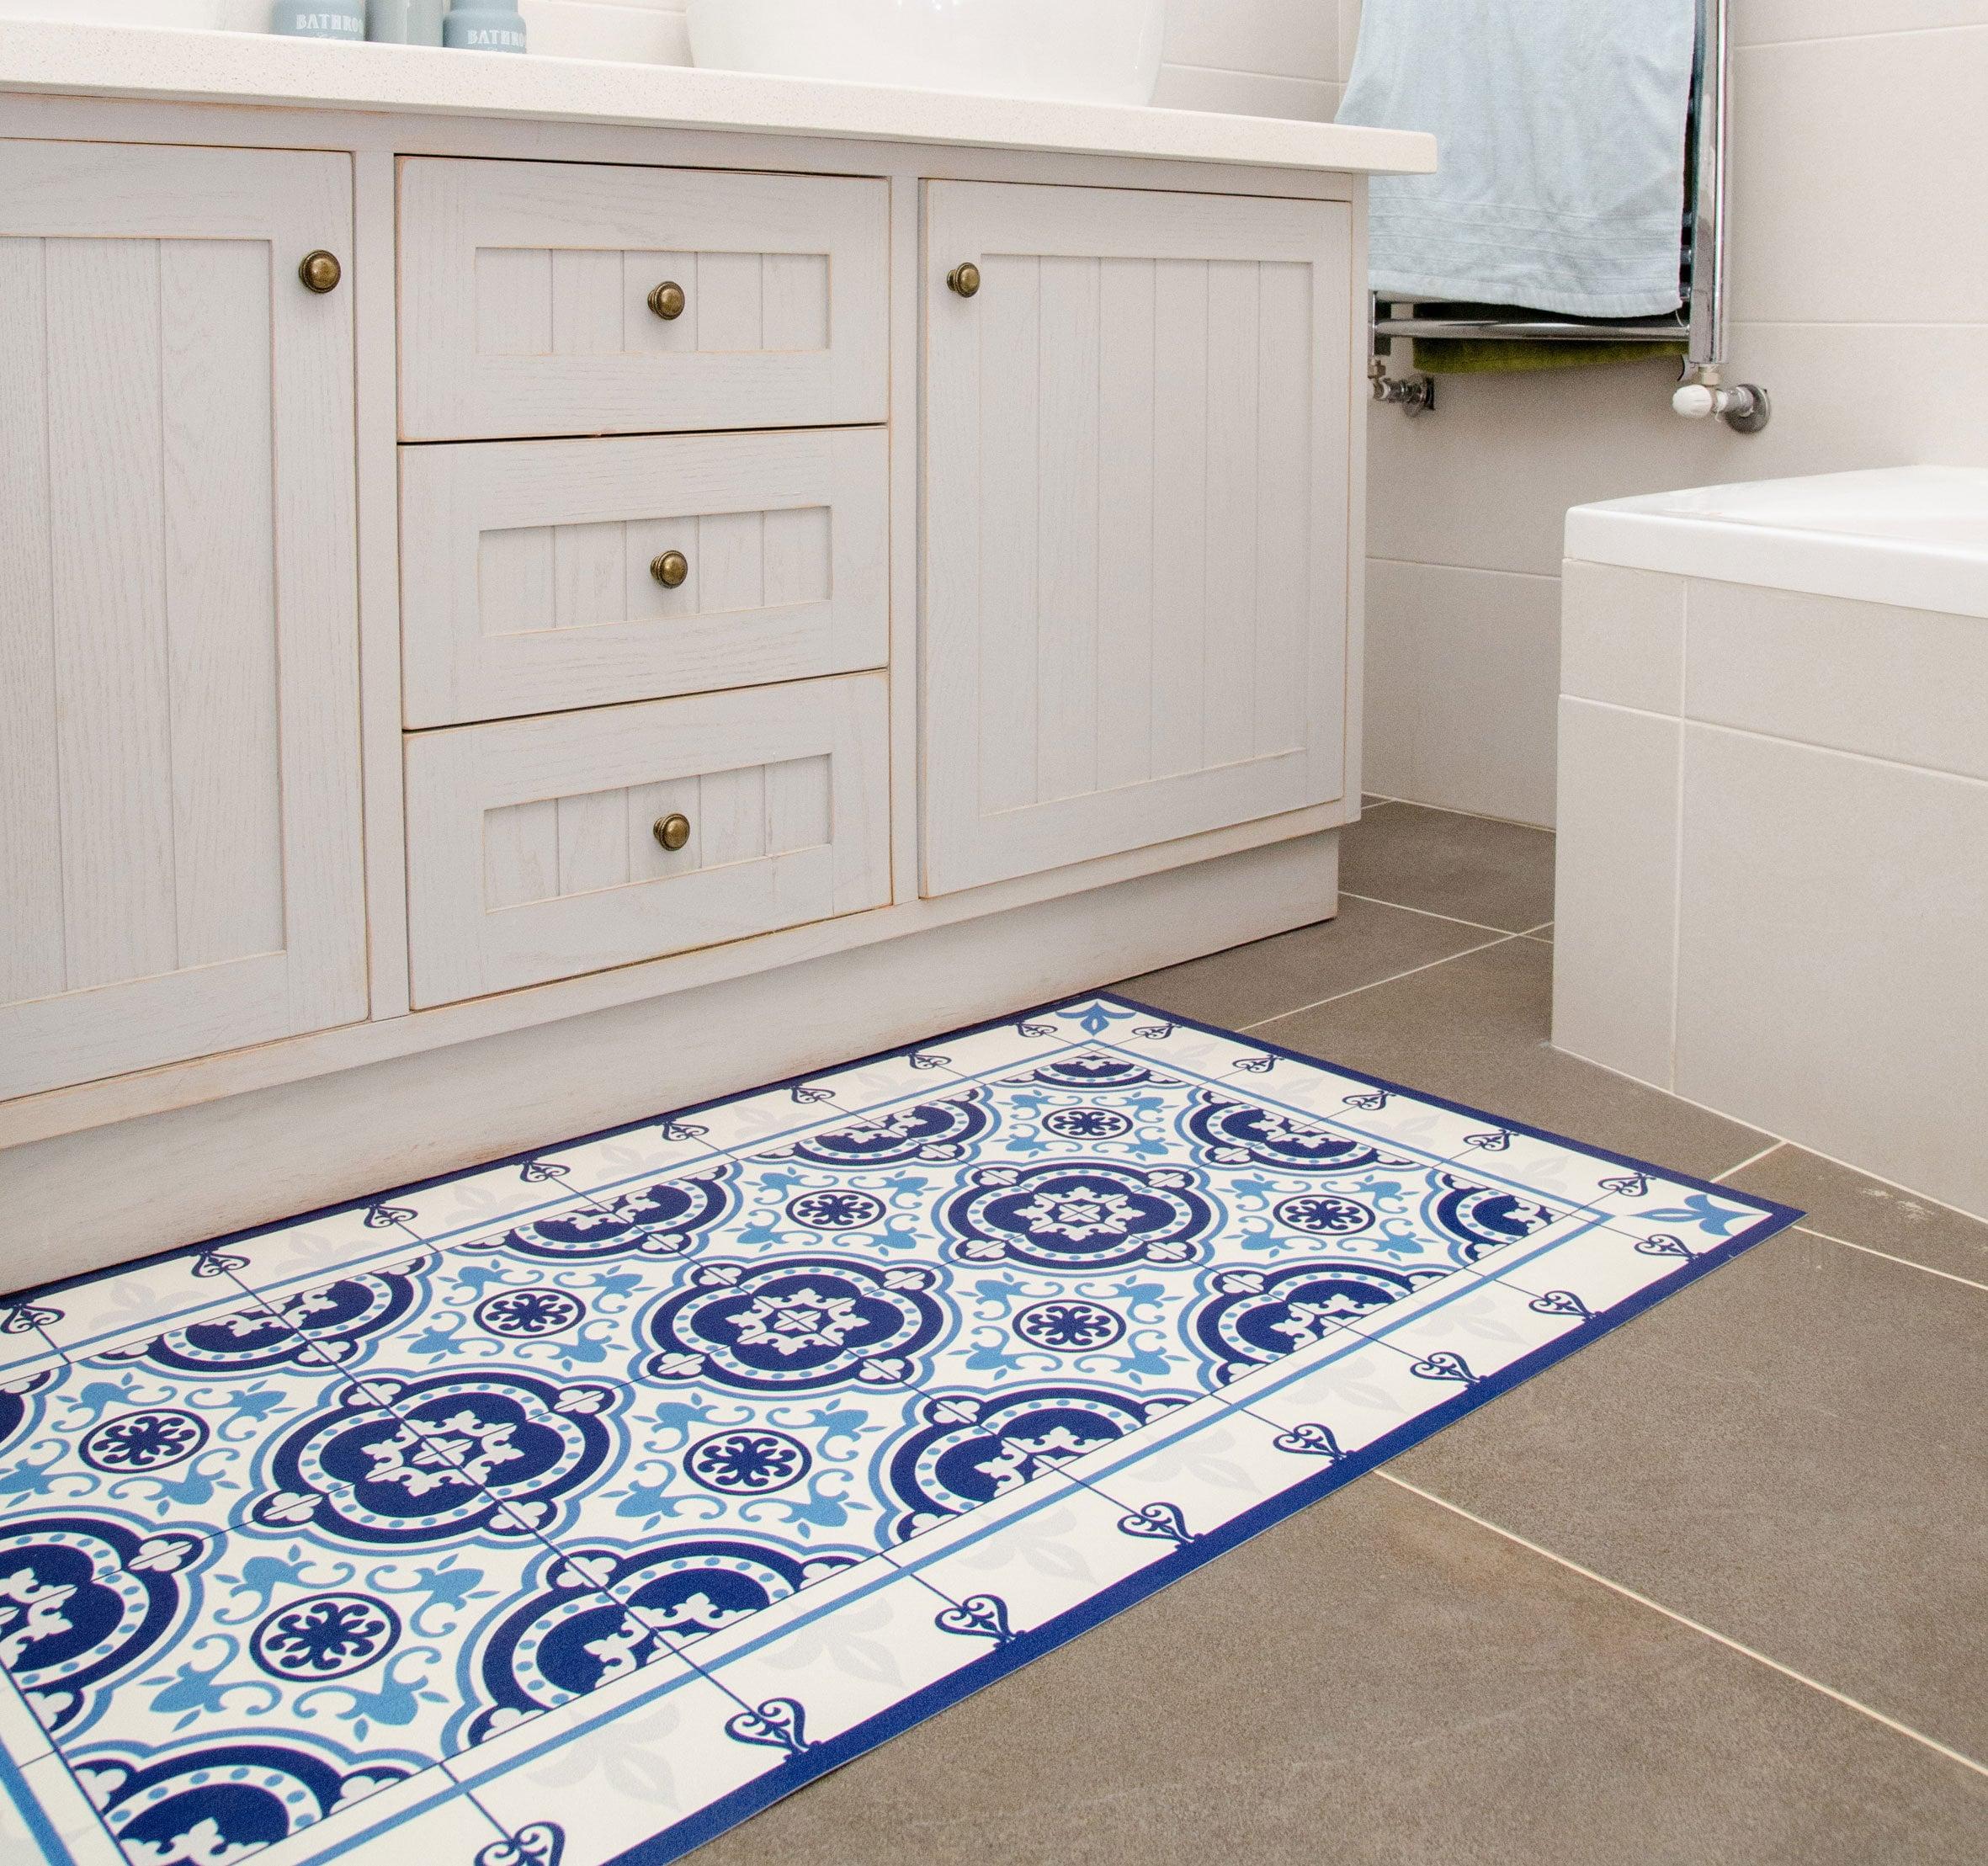 Moroccan Kitchen Floor Tiles: Moroccan Tiles Floor Mat Pvc Kitchen Rug Linoleum Area Rug